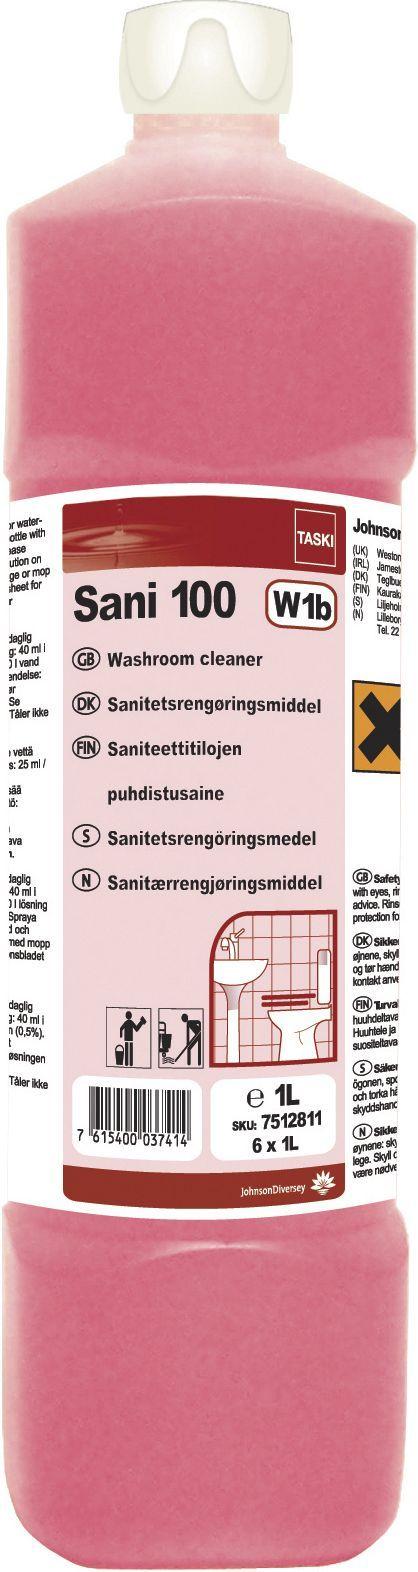 Taski Rengjøring Sani 100 1L 7512811